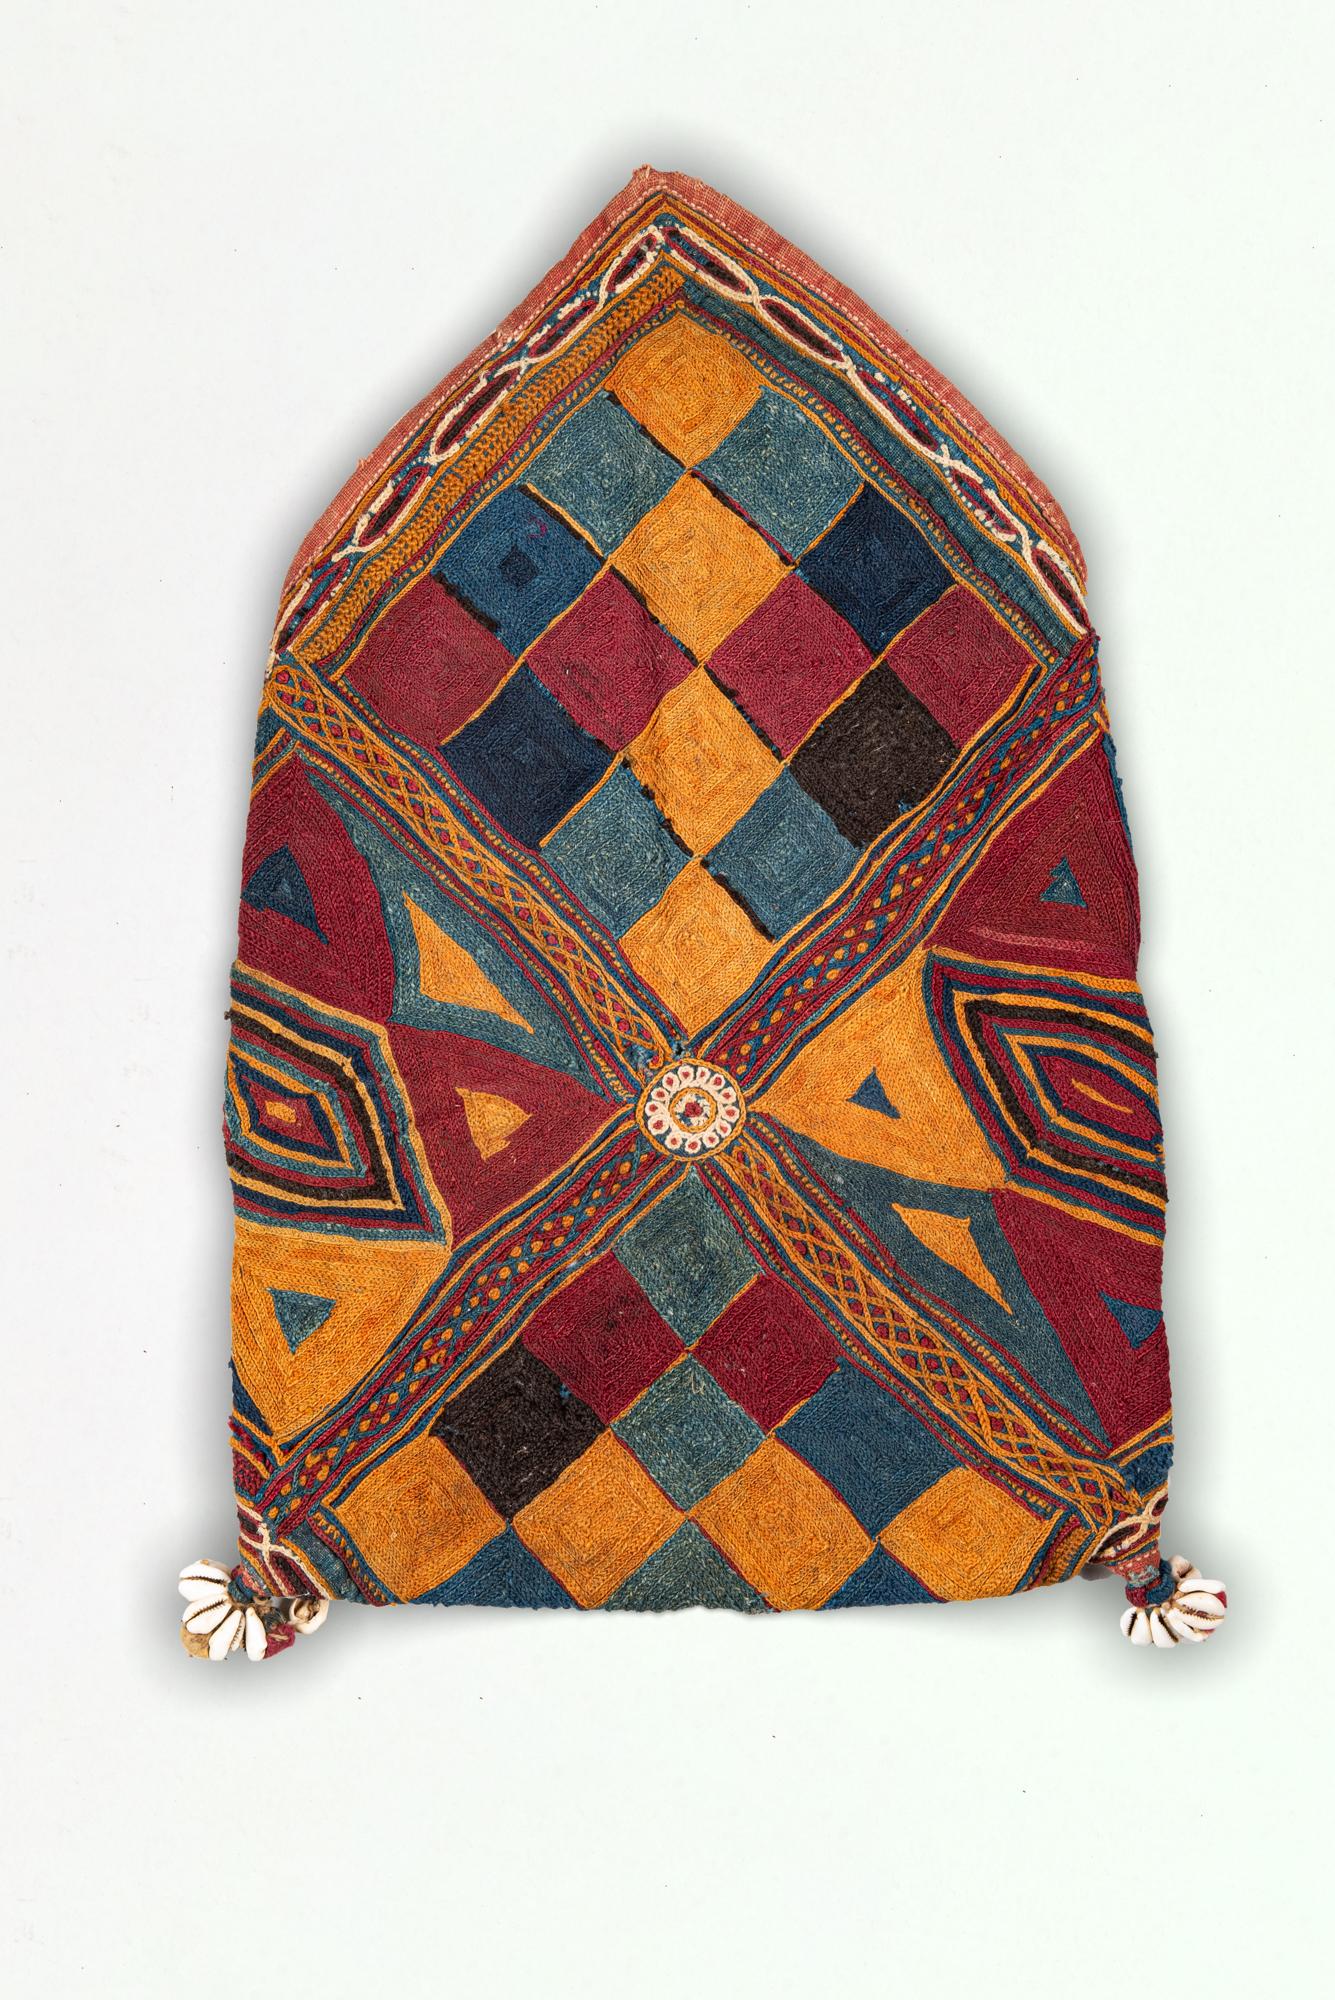 Banjara Chalechi (bag)